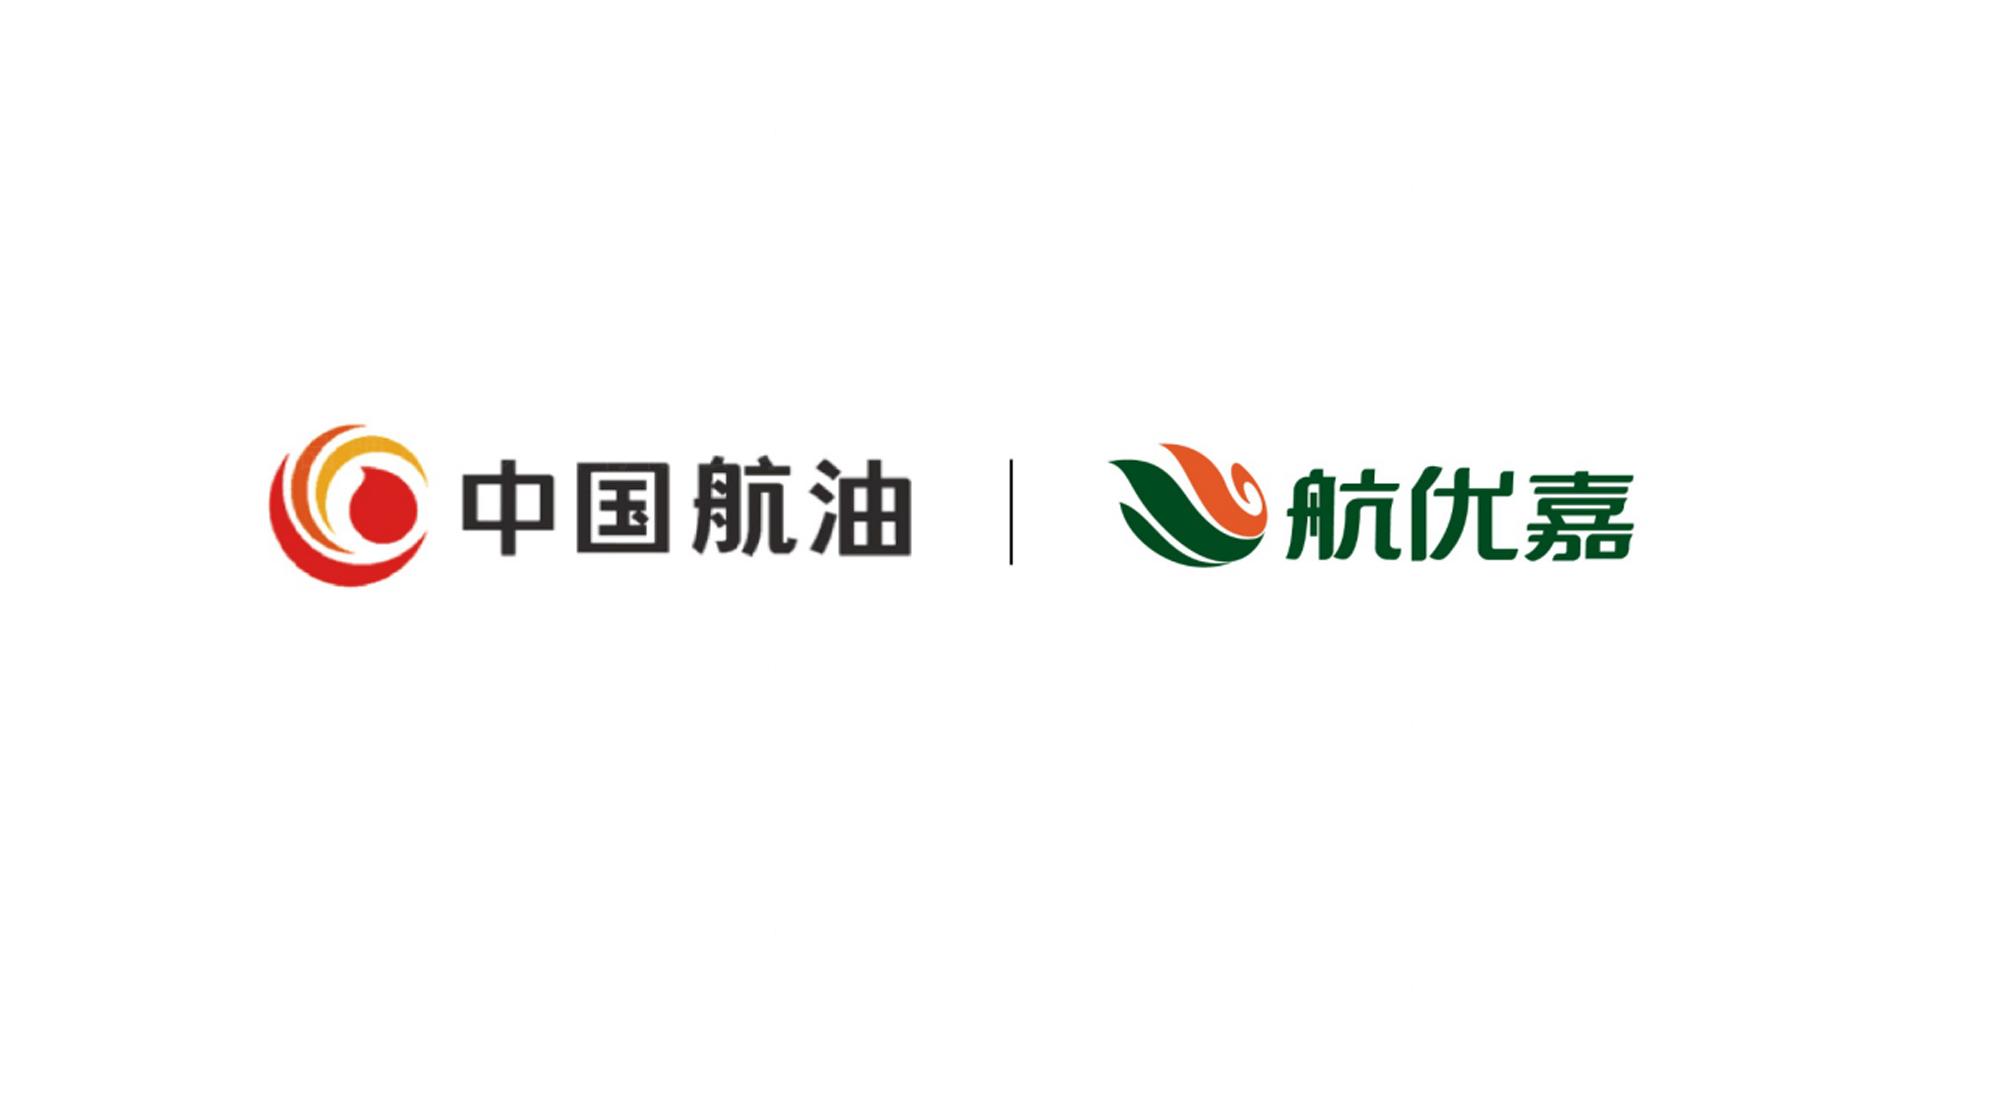 中国航油石油公司logo设计、vi设计应用